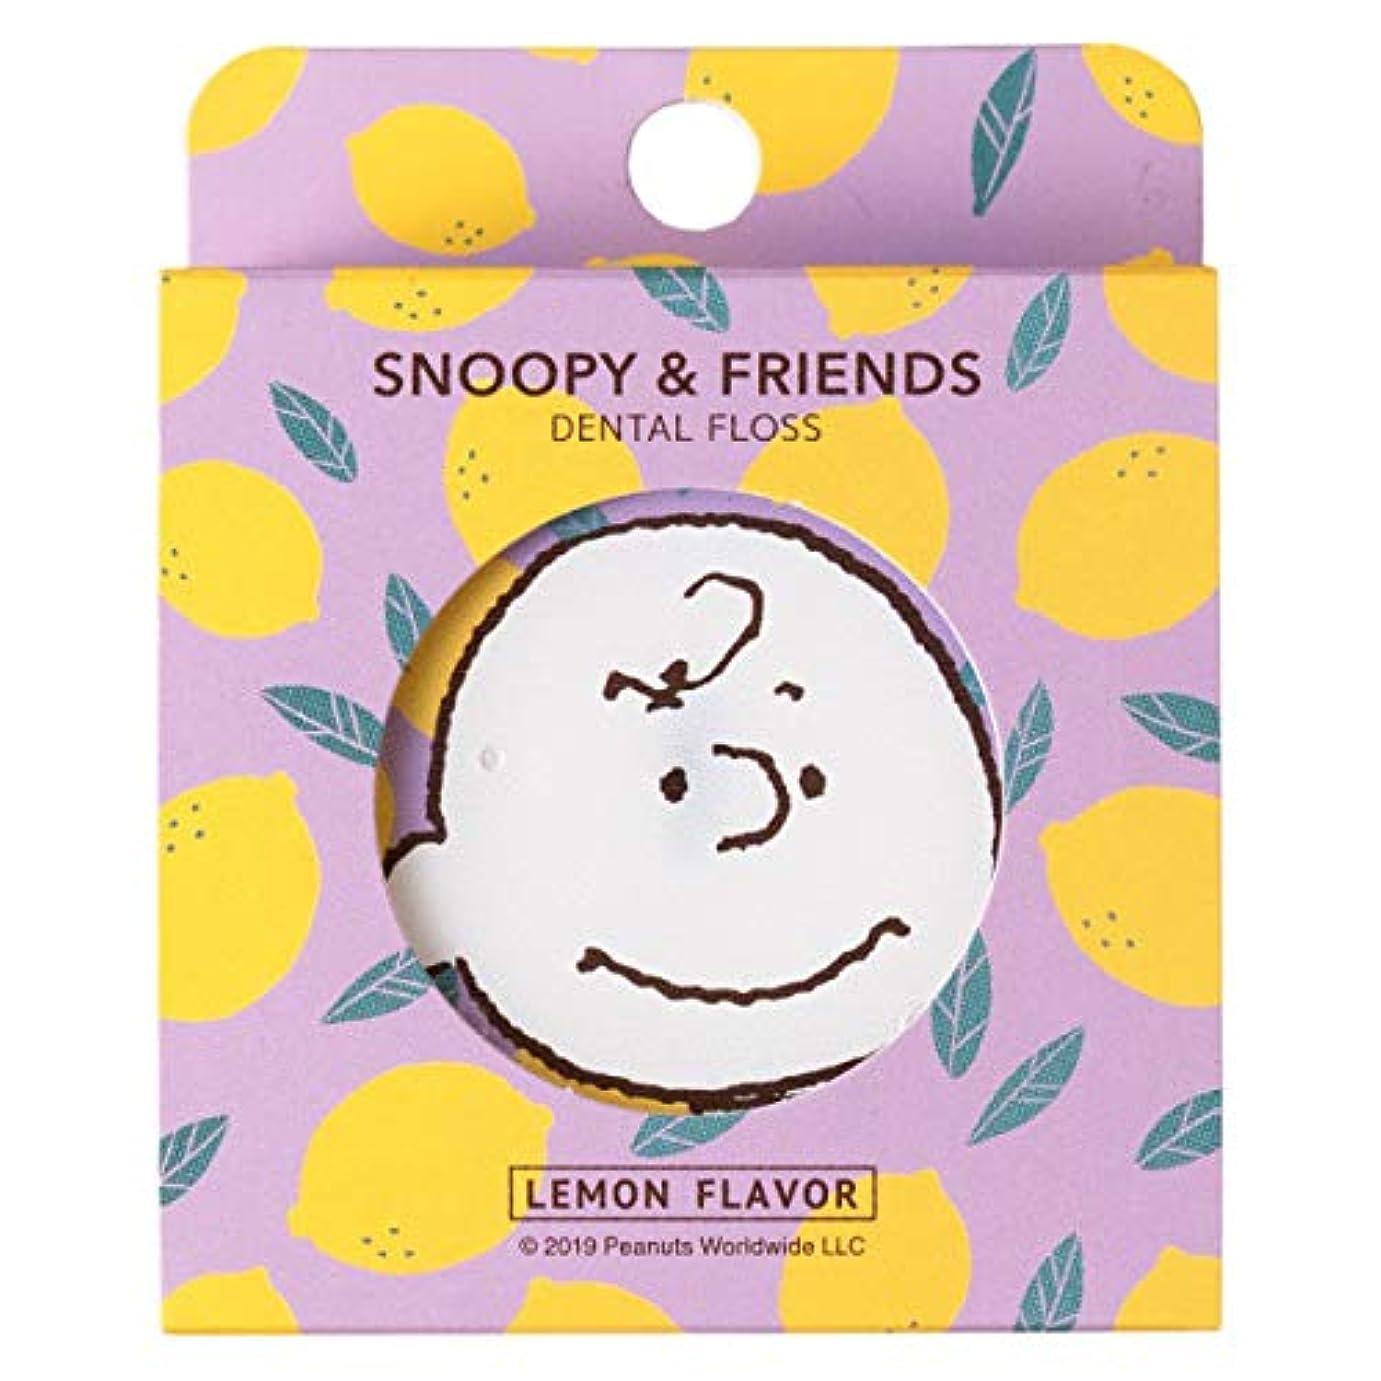 領収書つなぐジェットFINE(ファイン) スヌーピー&フレンズ デンタルフロス 約3ヶ月分 レモンの香り 50m